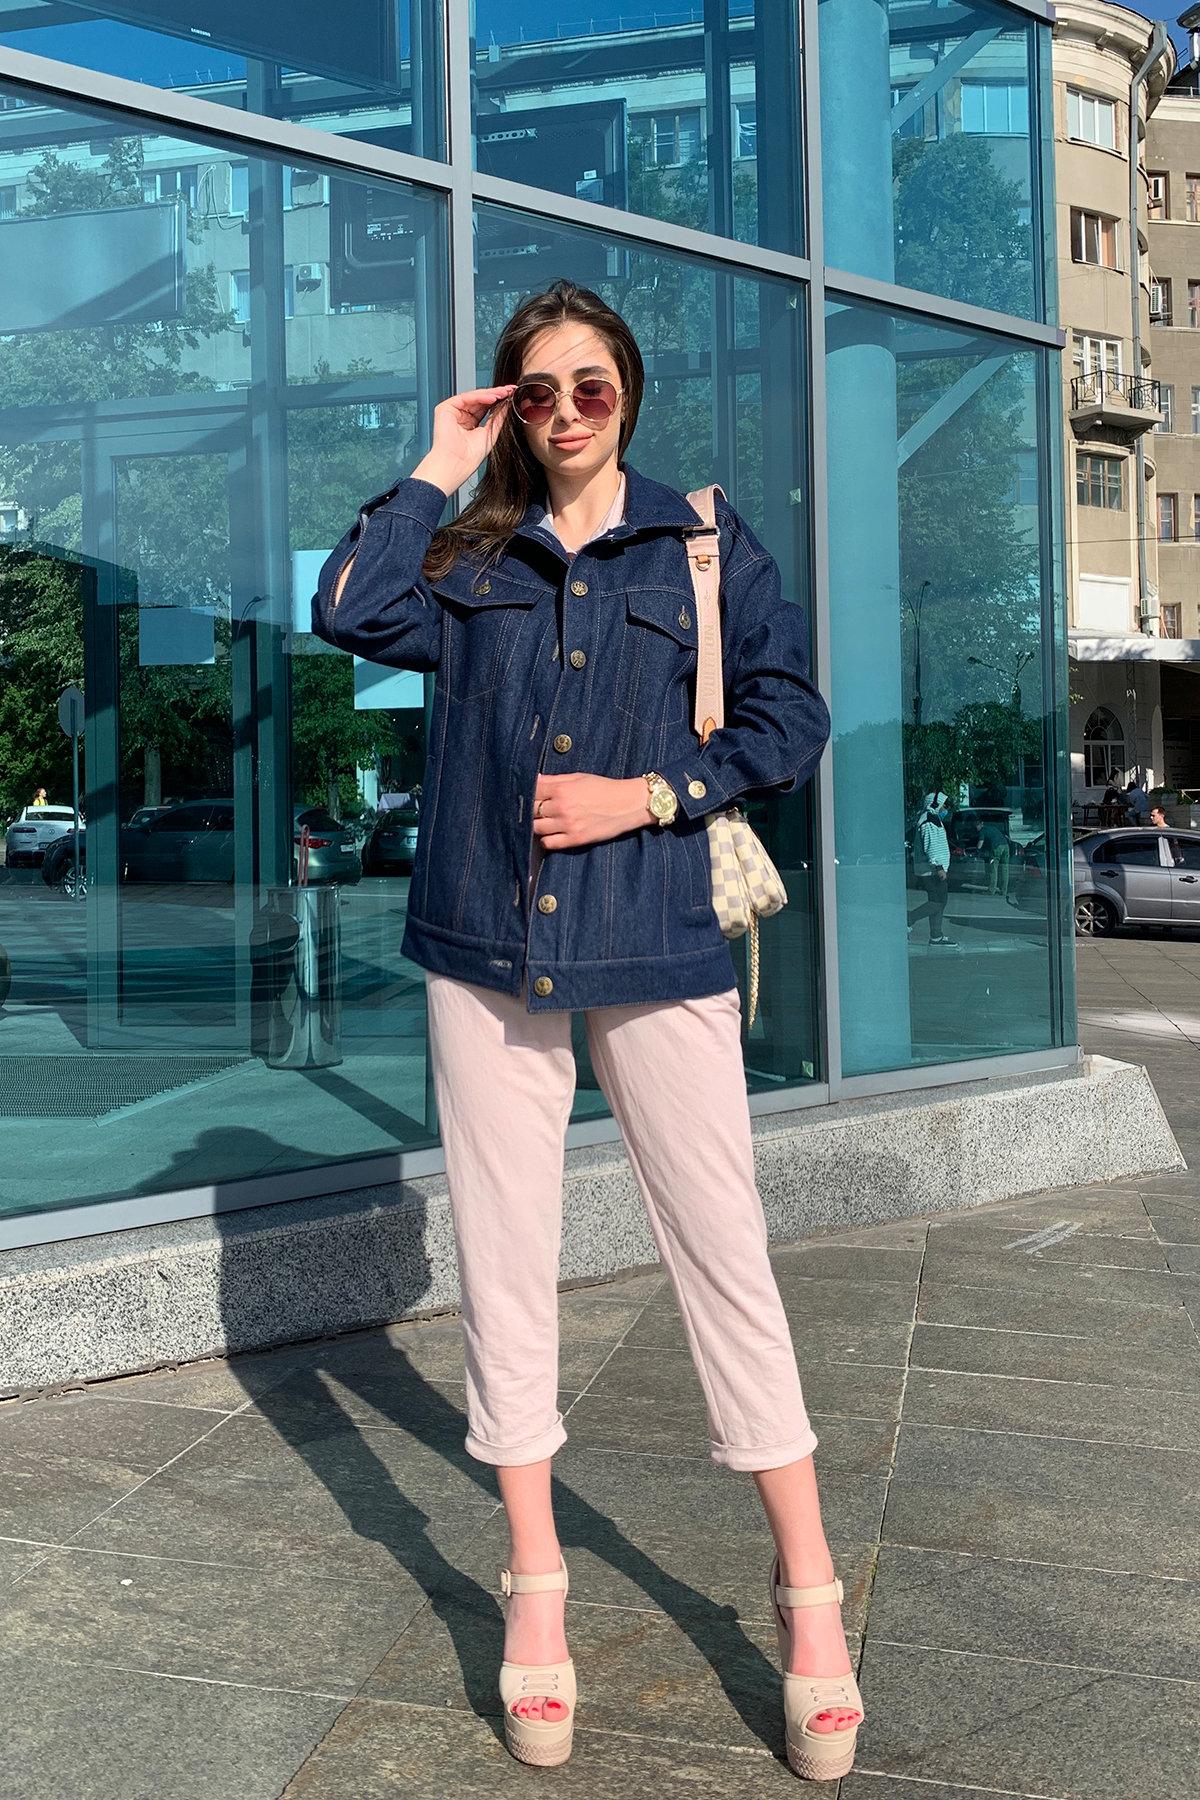 Жакет Реплей 9325 АРТ. 45665 Цвет: Т.синий - фото 2, интернет магазин tm-modus.ru